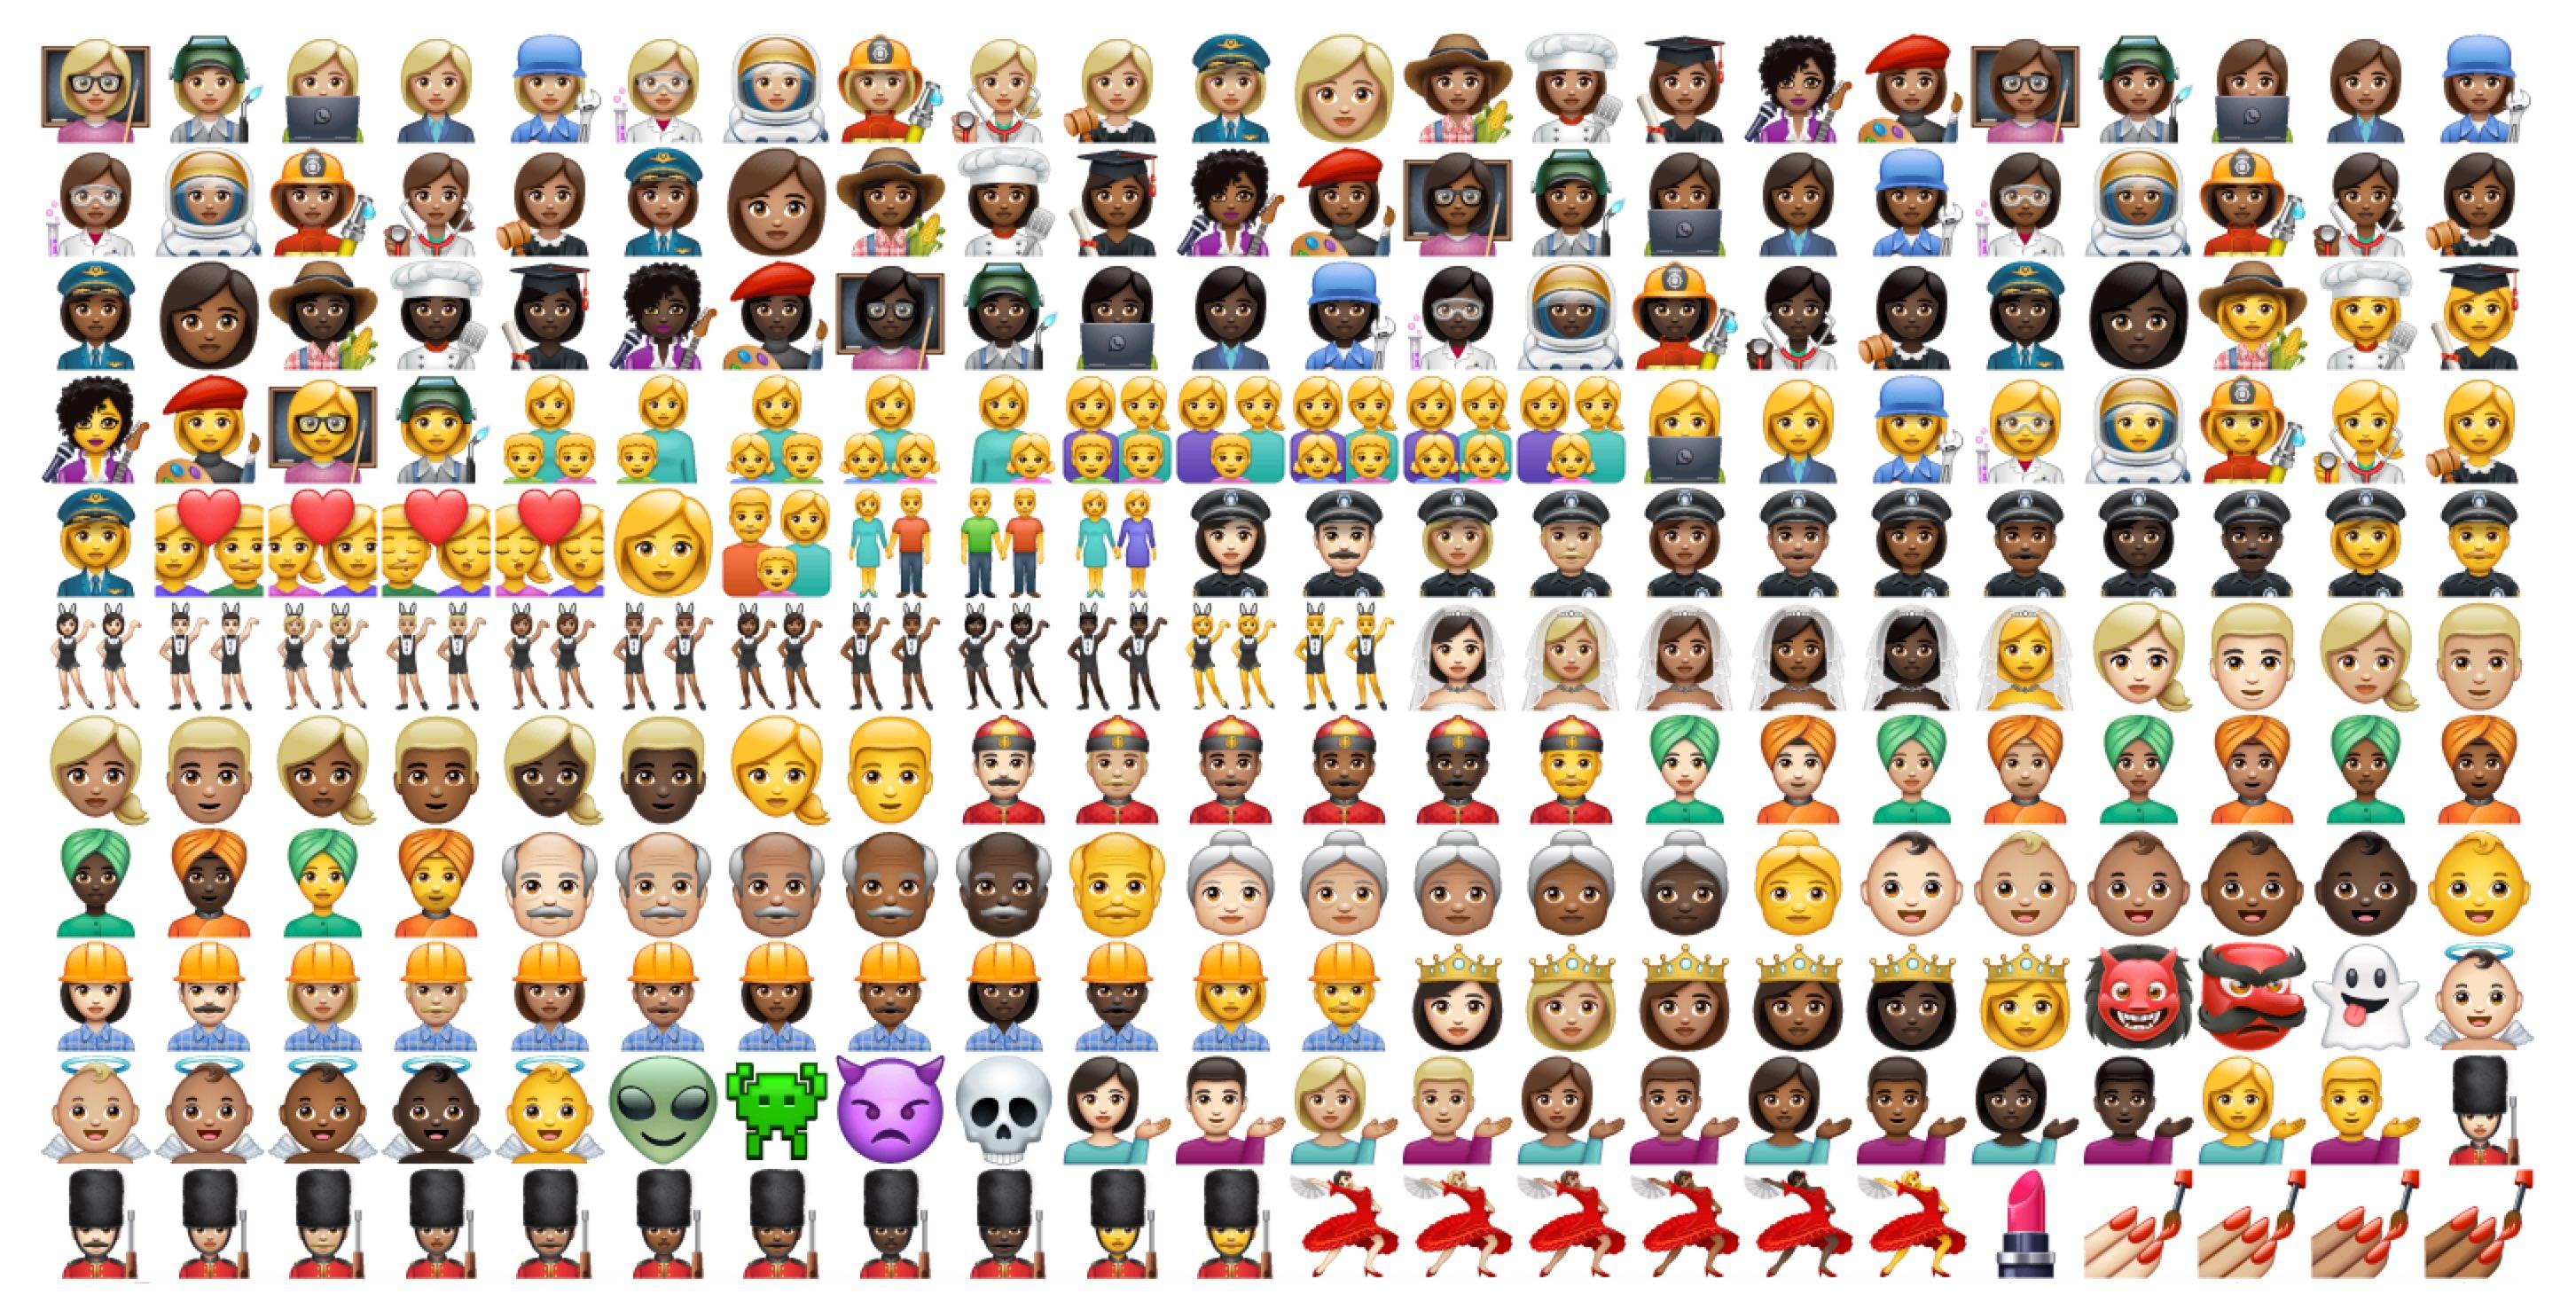 Por qué el 17 de julio es el Día del Emoji